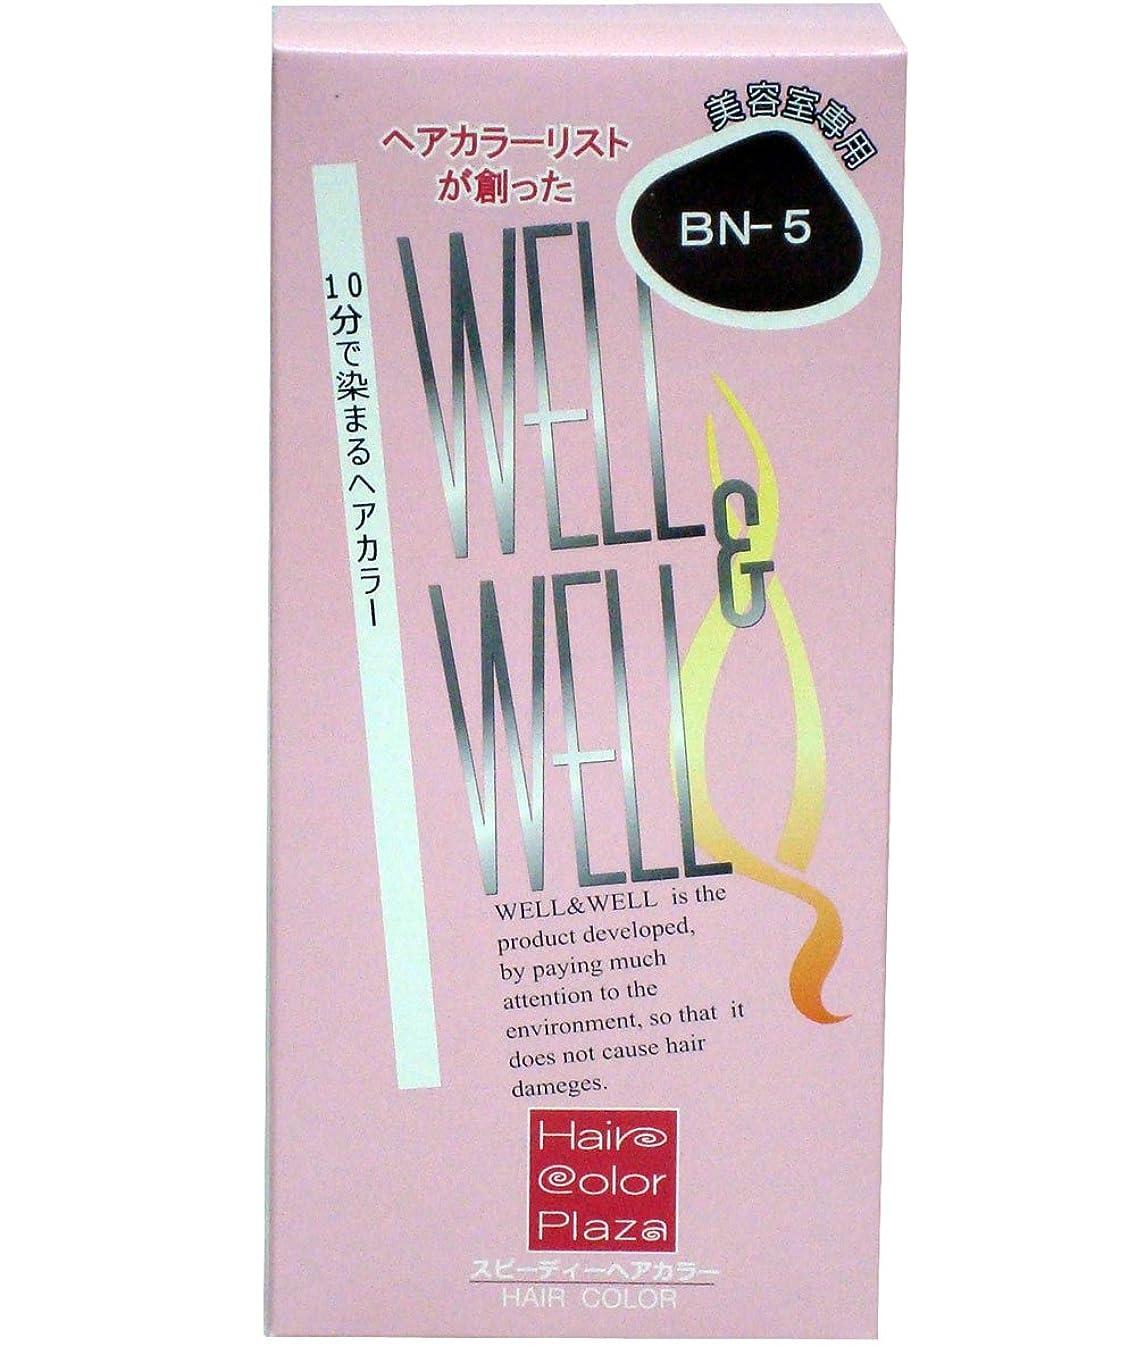 ウッズ深める相続人【美容室専用】 ウェル&ウェル スピーディヘアカラー ナチュラルブラウン BN-5